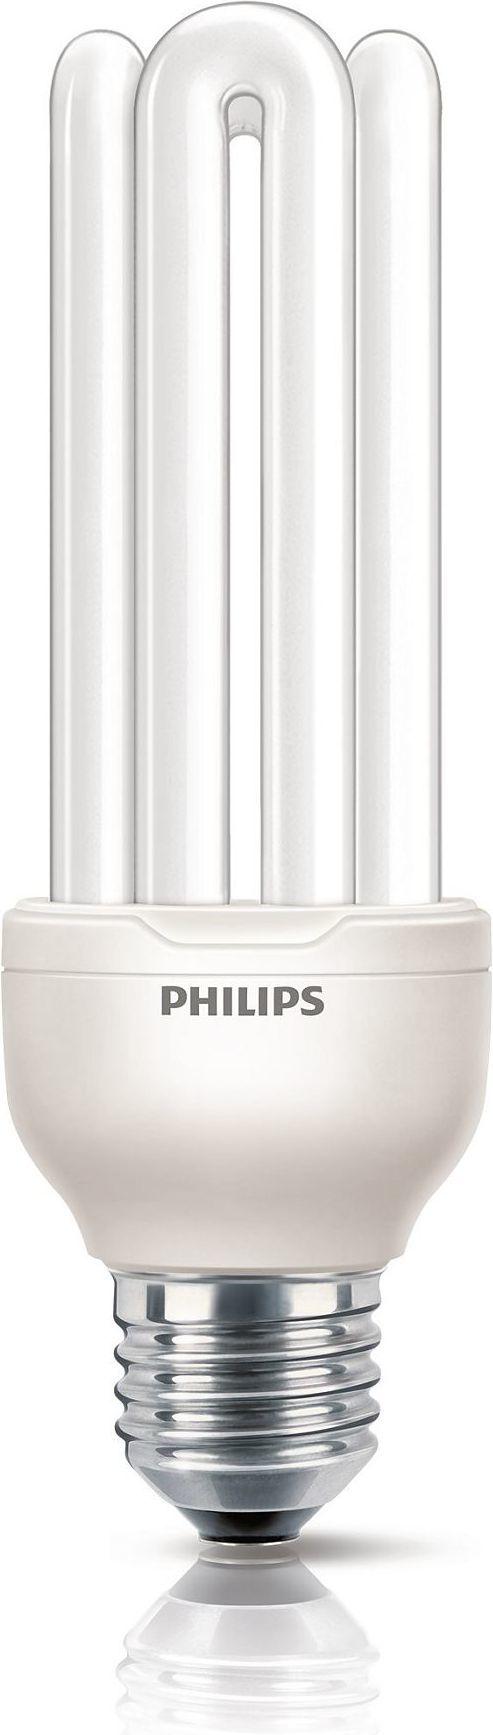 Świetlówka kompaktowa Philips Genie E27 14W (8711500801074) 1